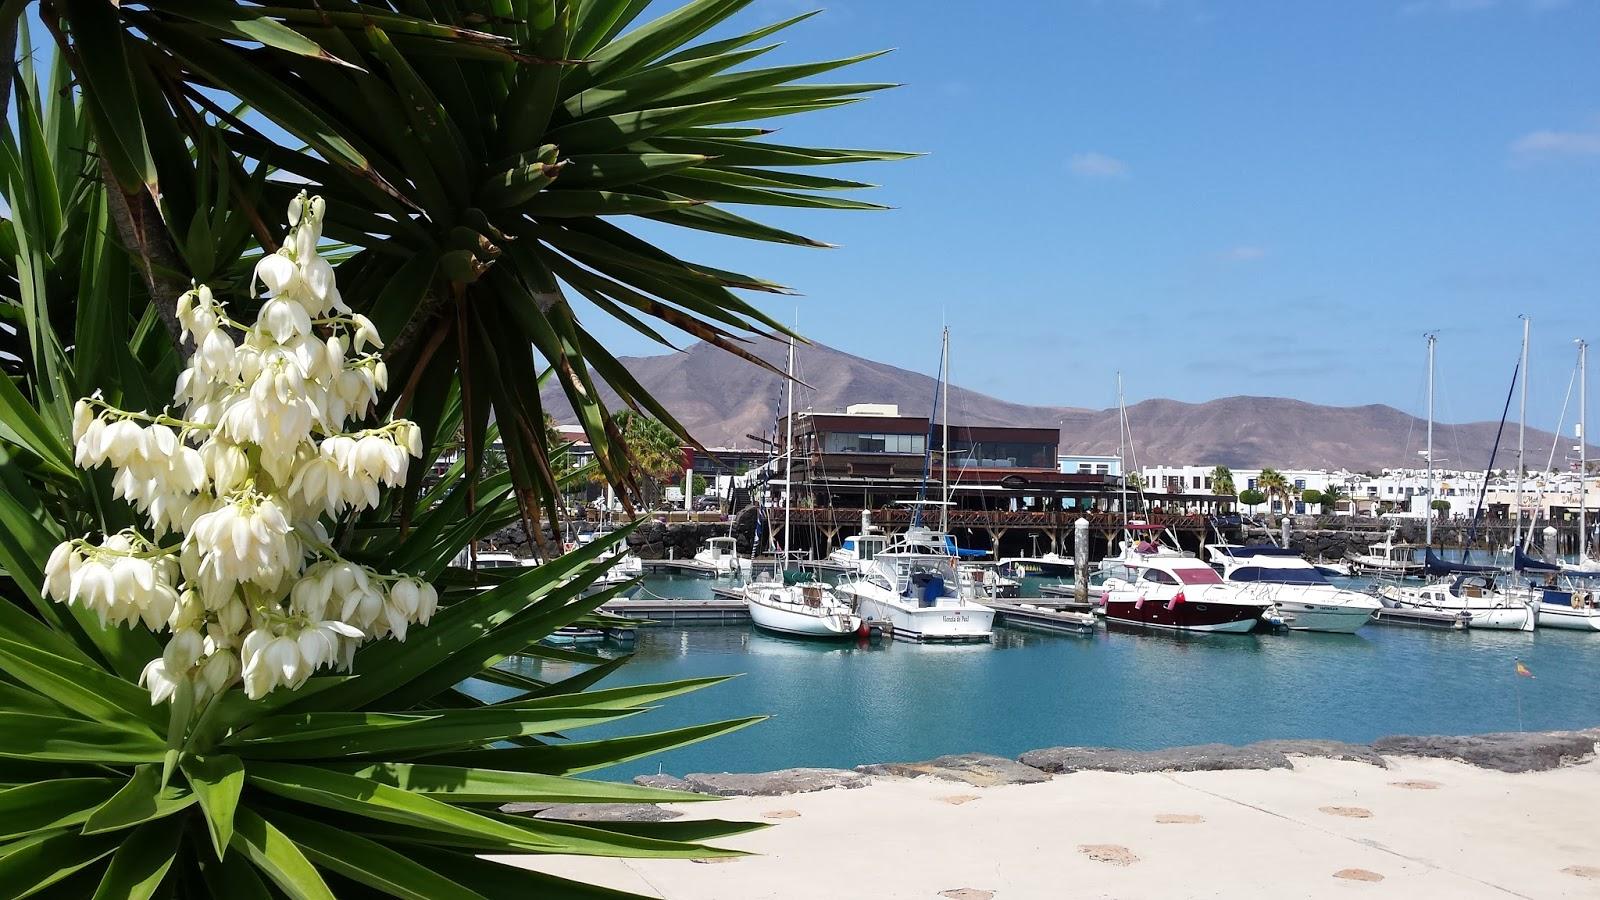 Marina Rubicon, Lanzarote, Wyspy Kanaryjskie, co zobaczyć na Lanzarote, wiadomości o Hiszpanii